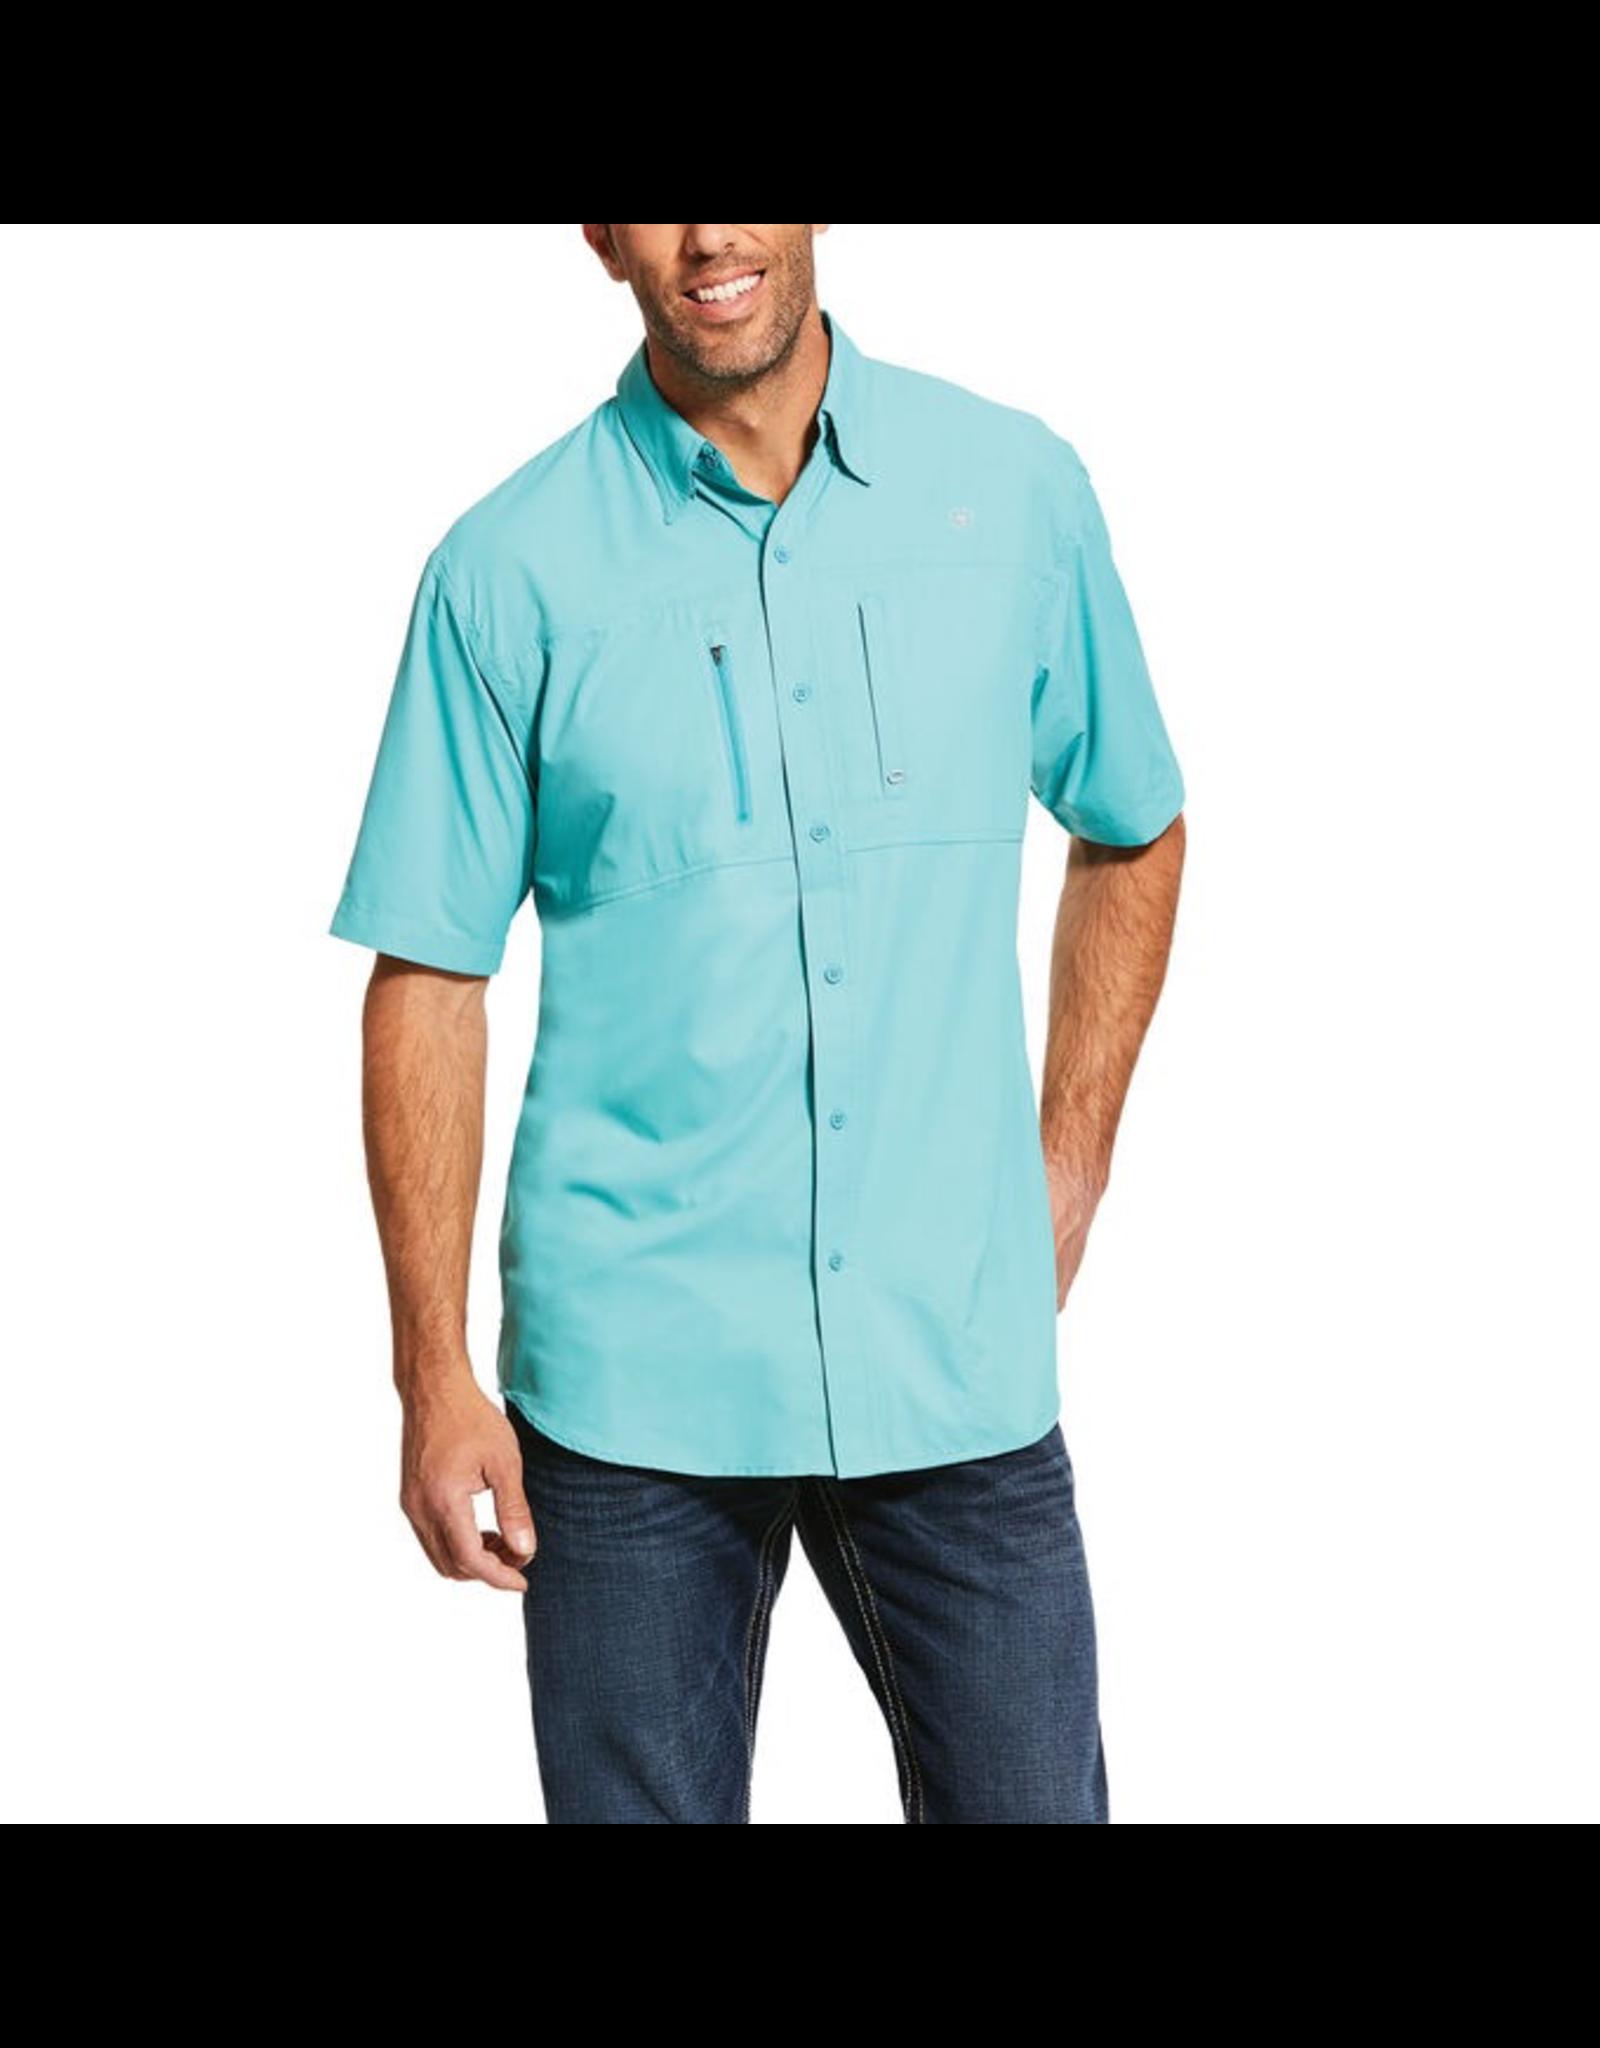 Tops-Men ARIAT VentTek SS Shirt 1003496